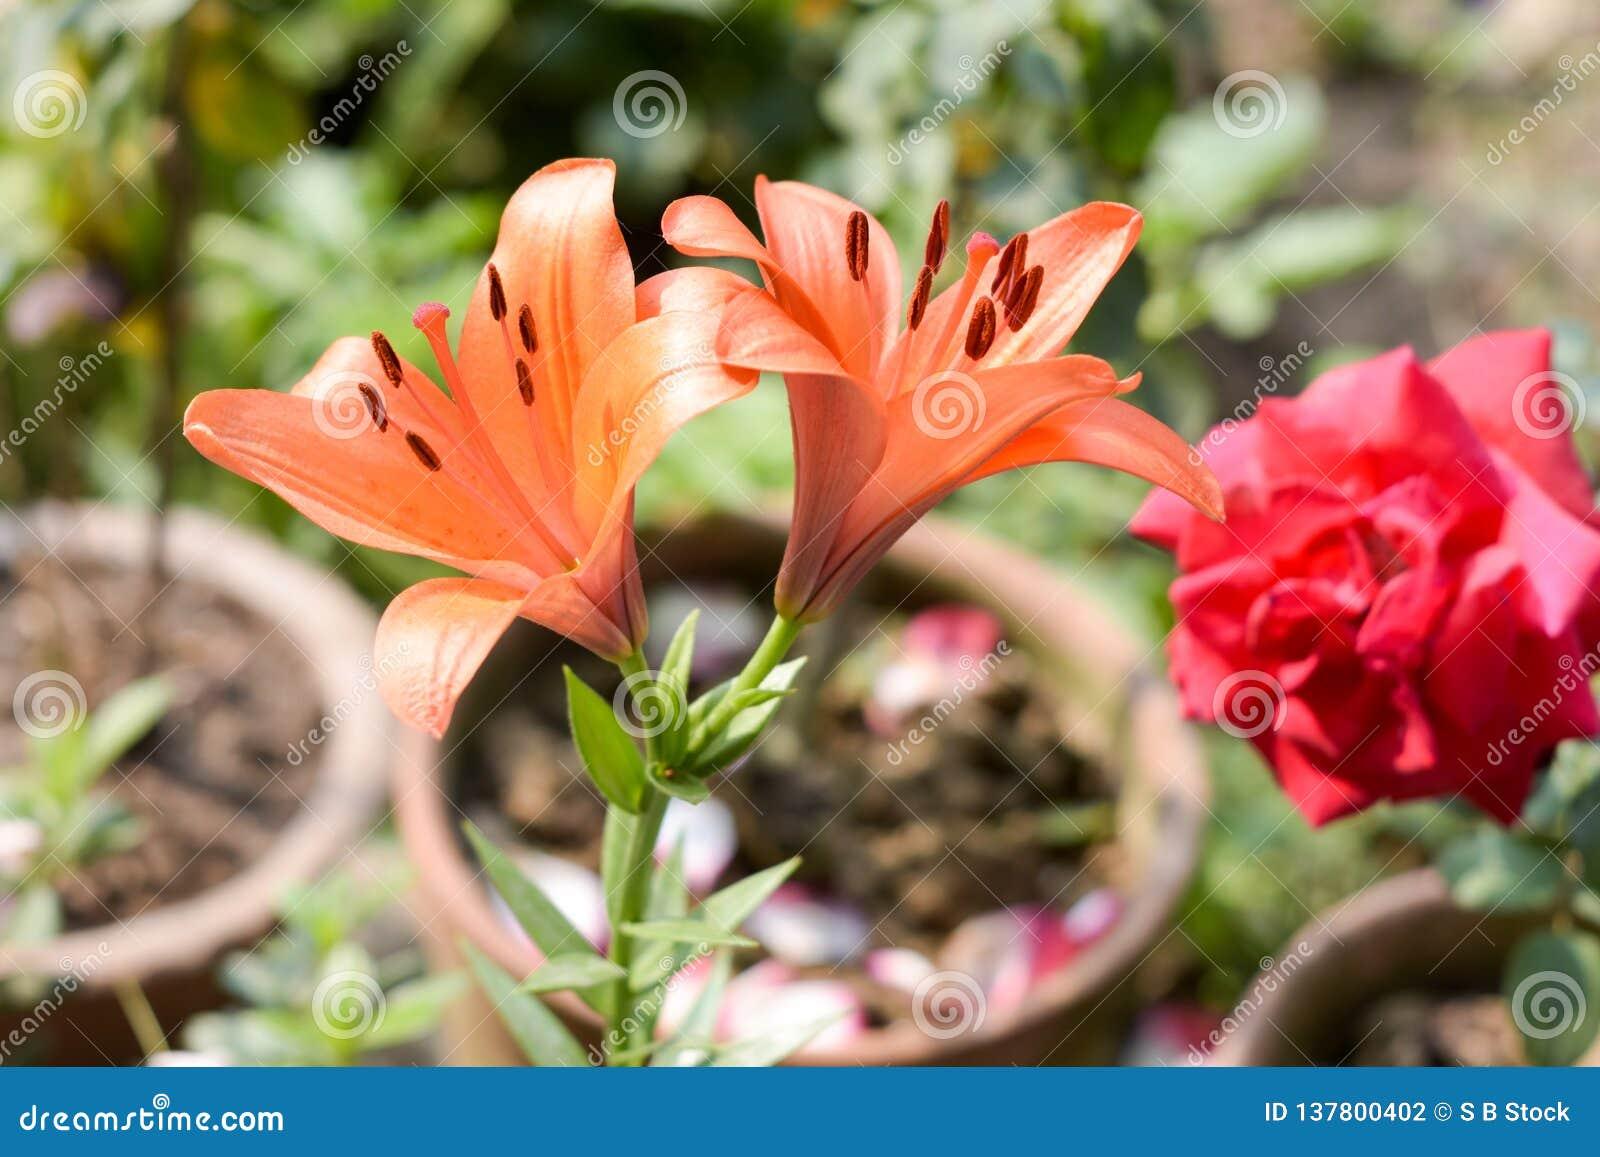 Gałąź Tubowego winogradu lub tubowego pełzacza Campsis radicans kwitnie, zna jako krowa świąd lub hummingbird winograd w kwiacie